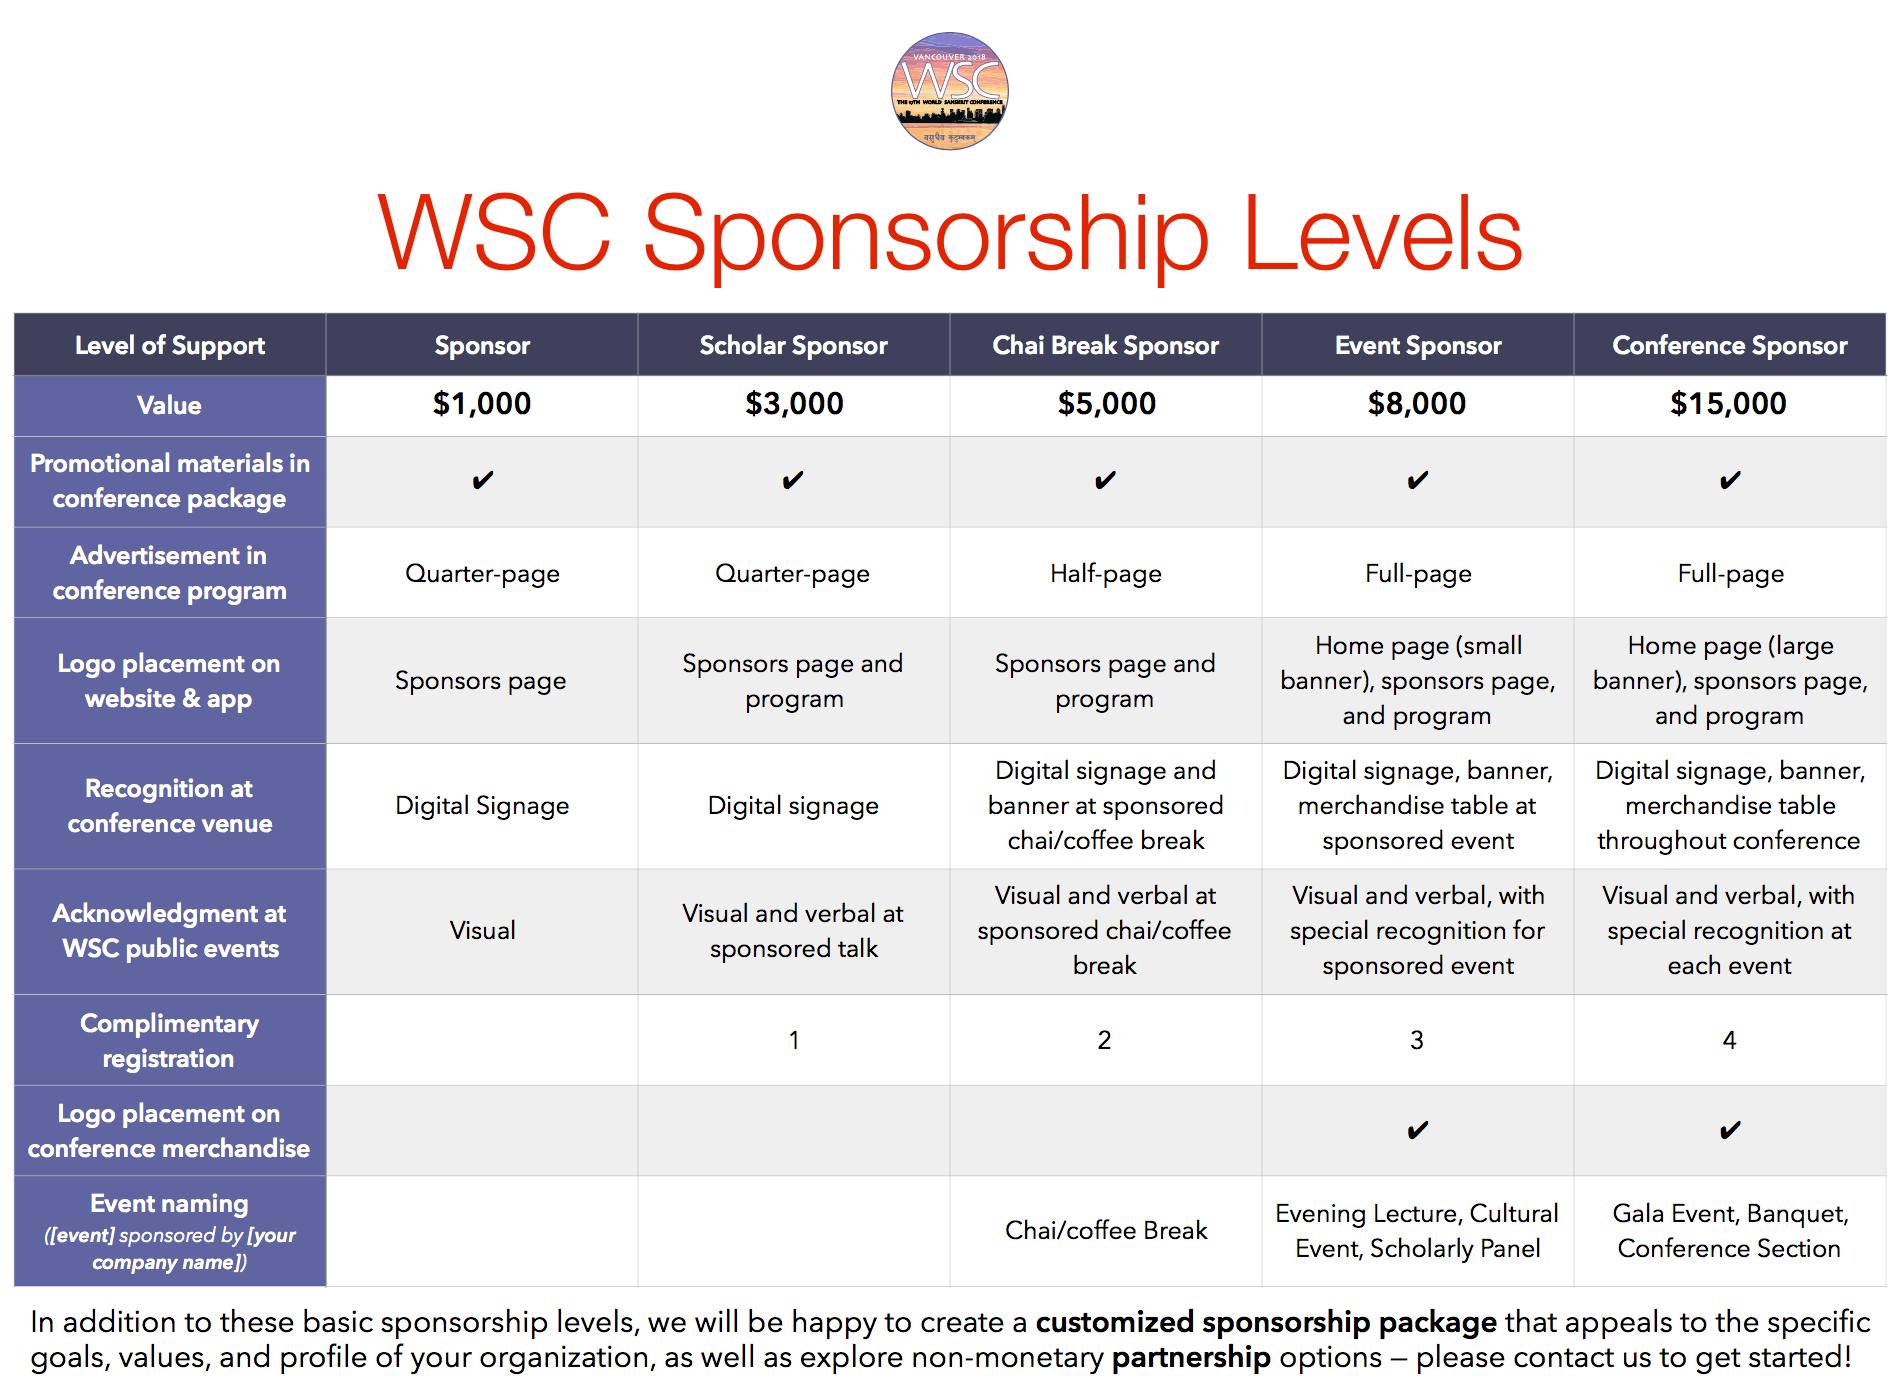 WSC Sponsorship Levels Chart